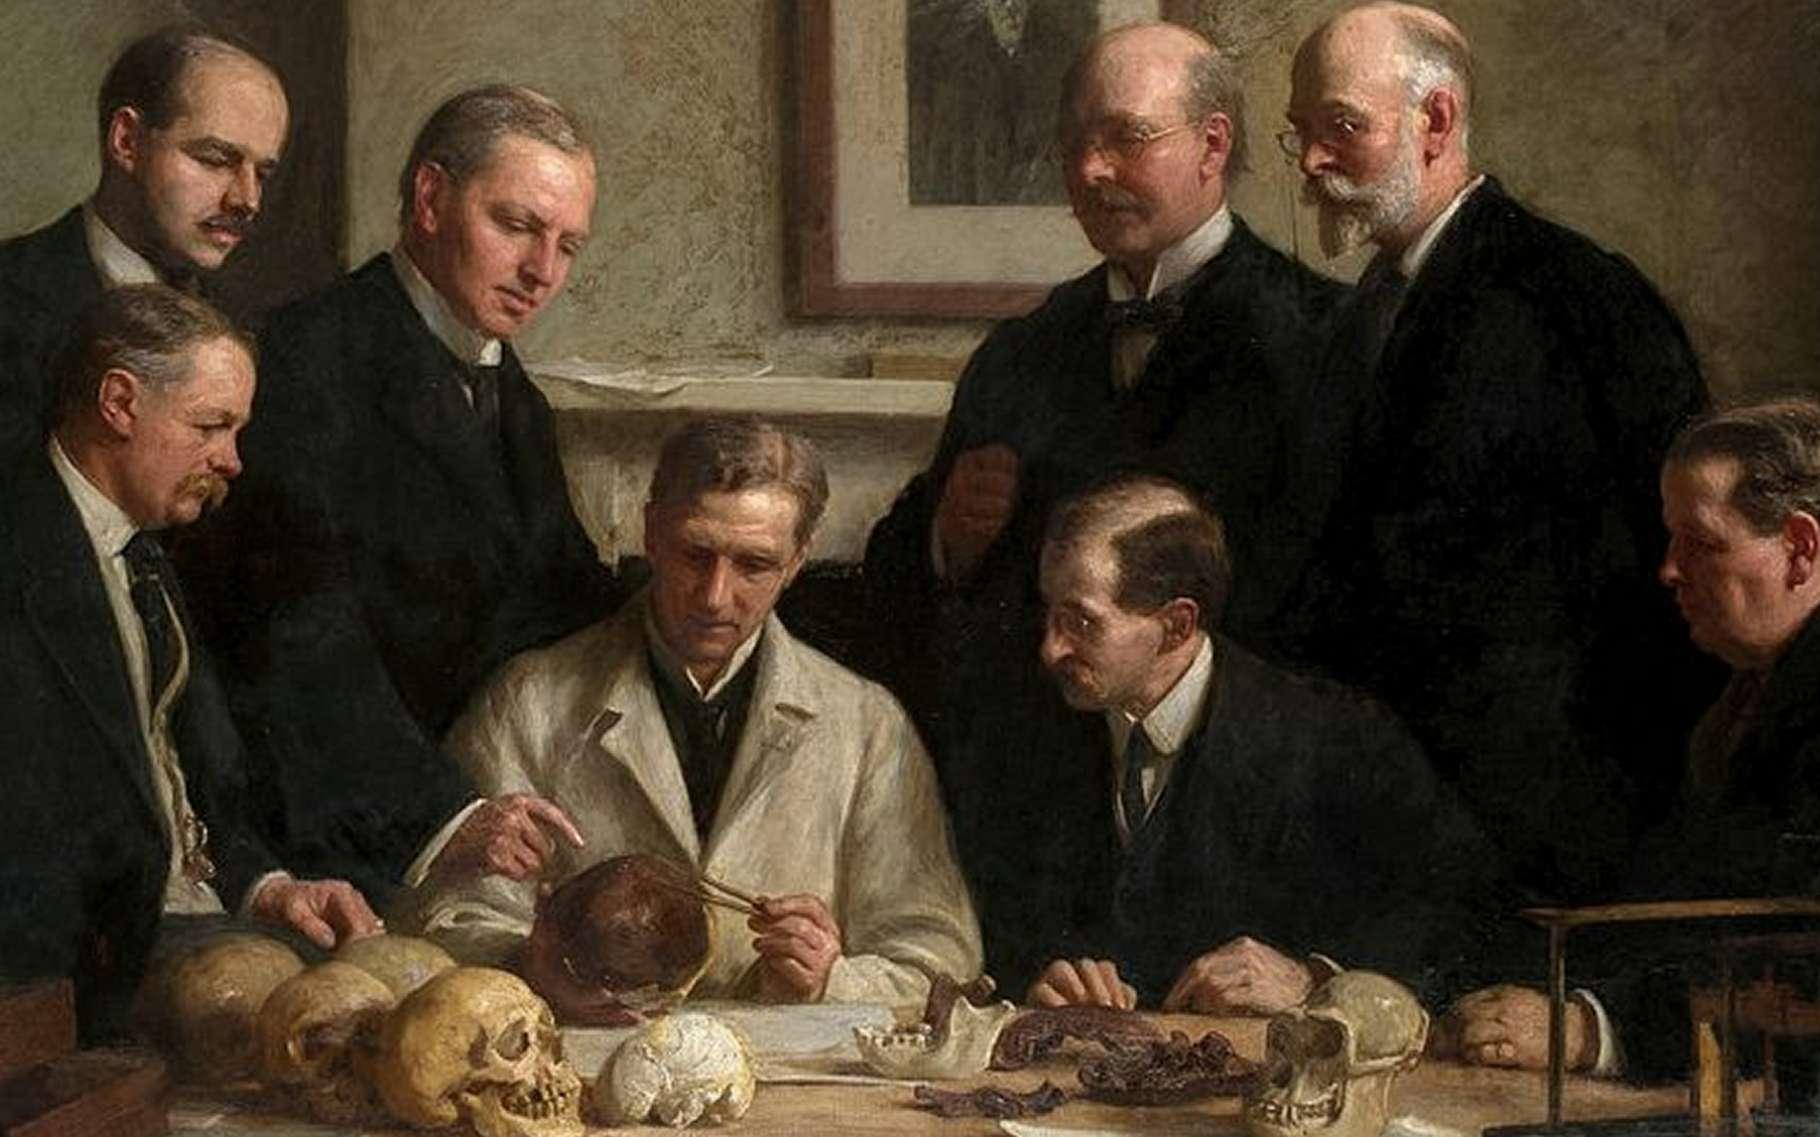 En 1915, le peintre John Cooke immortalise la découverte du crâne de Piltdown dans ce tableau où des scientifiques l'examinent avec attention. Charles Dawson et Sir Arthur Smith Woodward sont représentés, debout, à droite. © DP